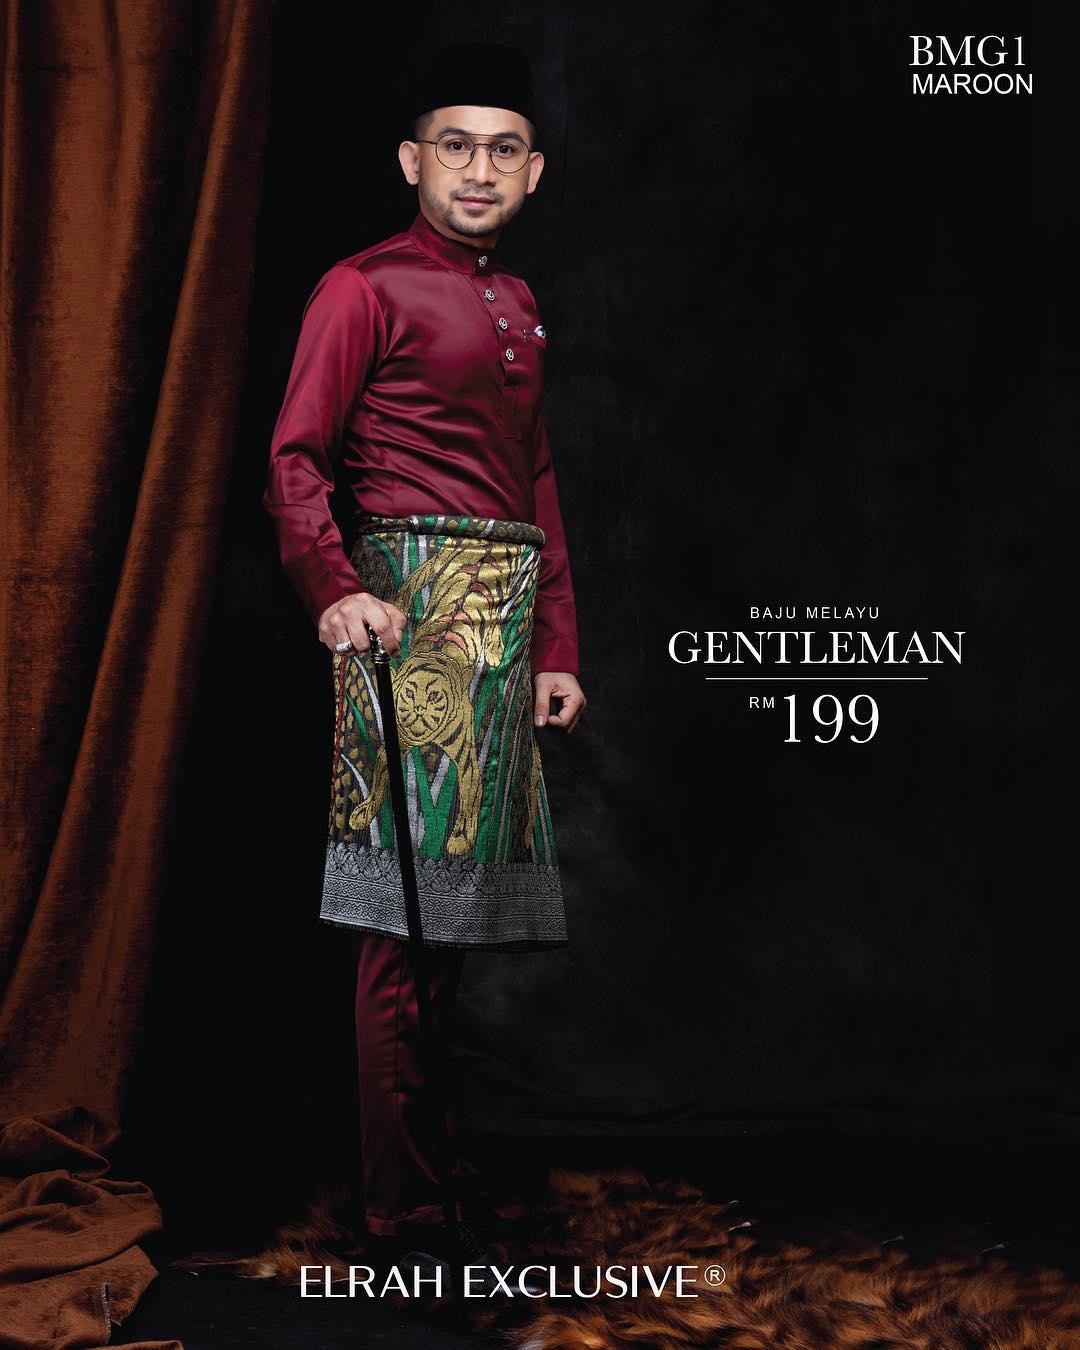 Baju Melayu Gentleman Maroon